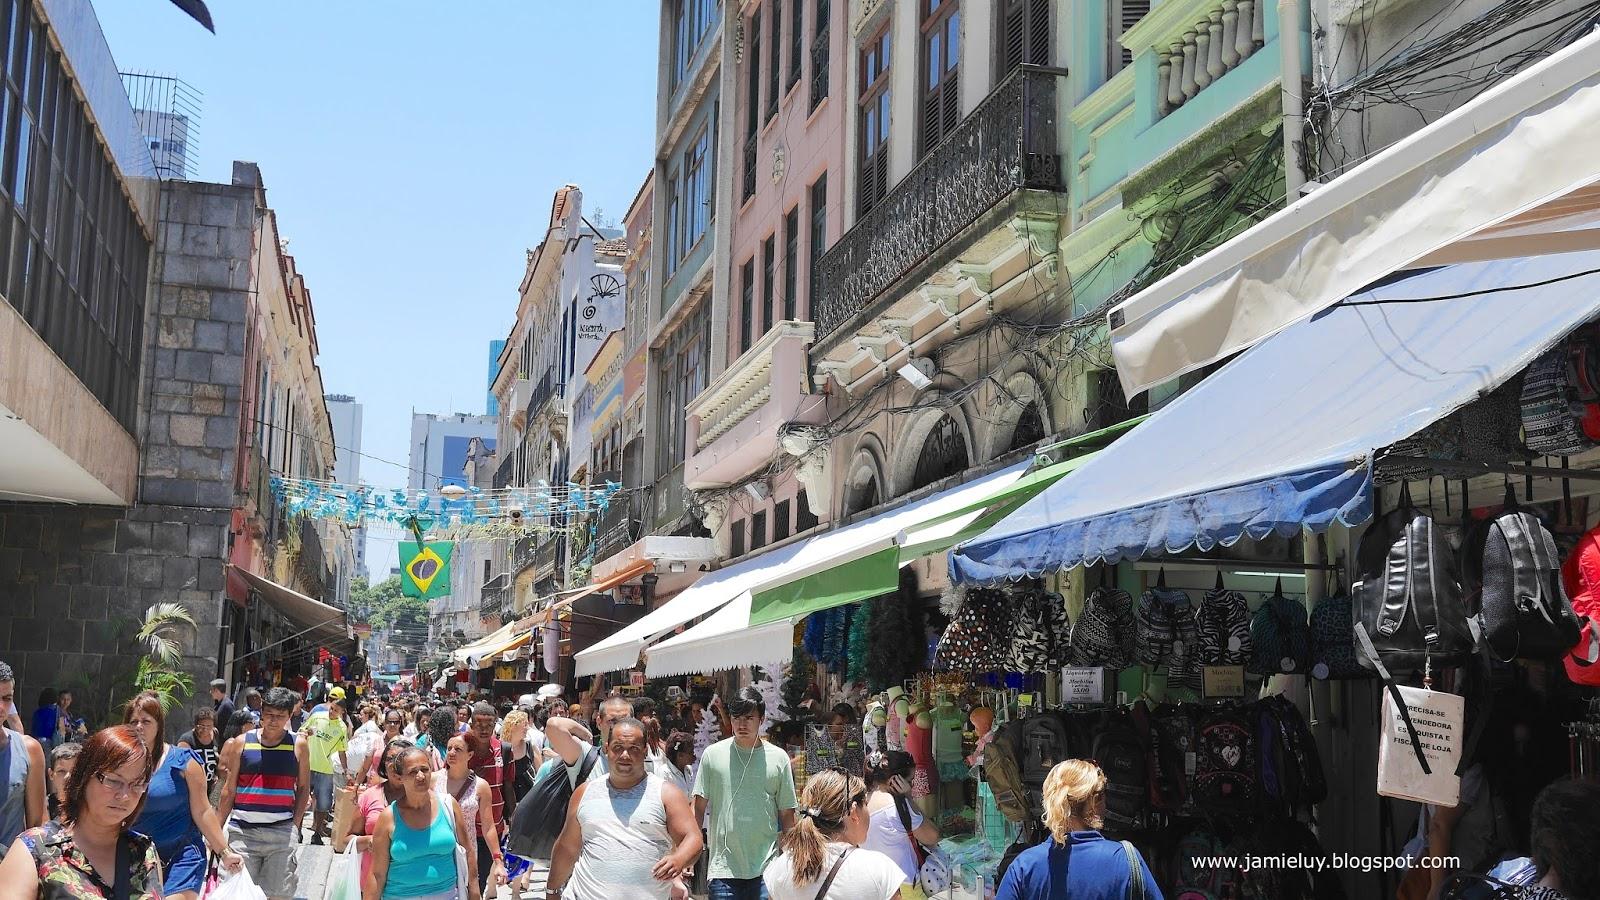 Jamie: A Week in Rio de Janeiro, Brazil